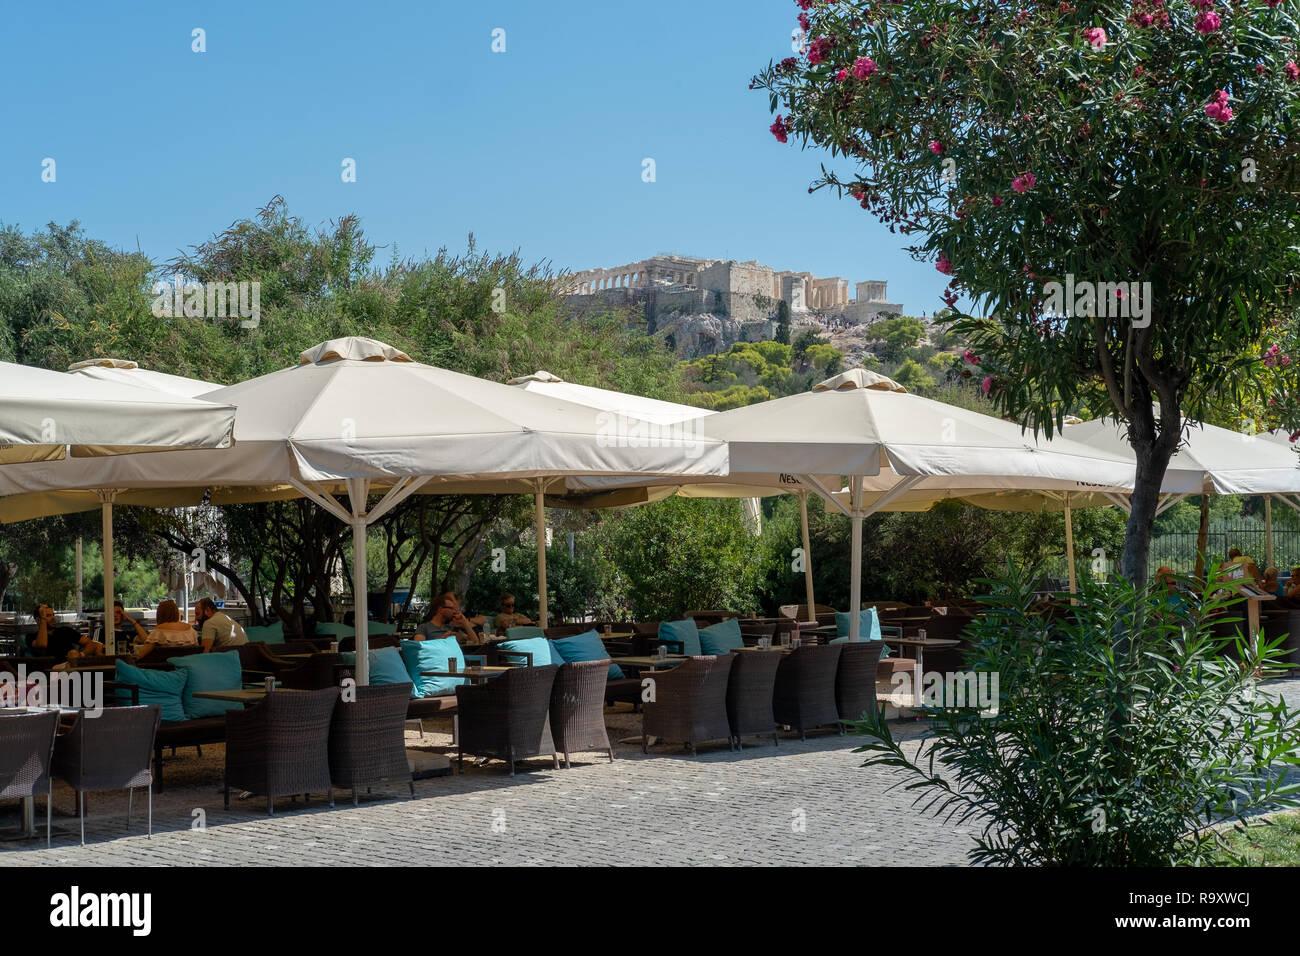 Terraza Exterior De Un Bar Cafetería Restaurante En Atenas